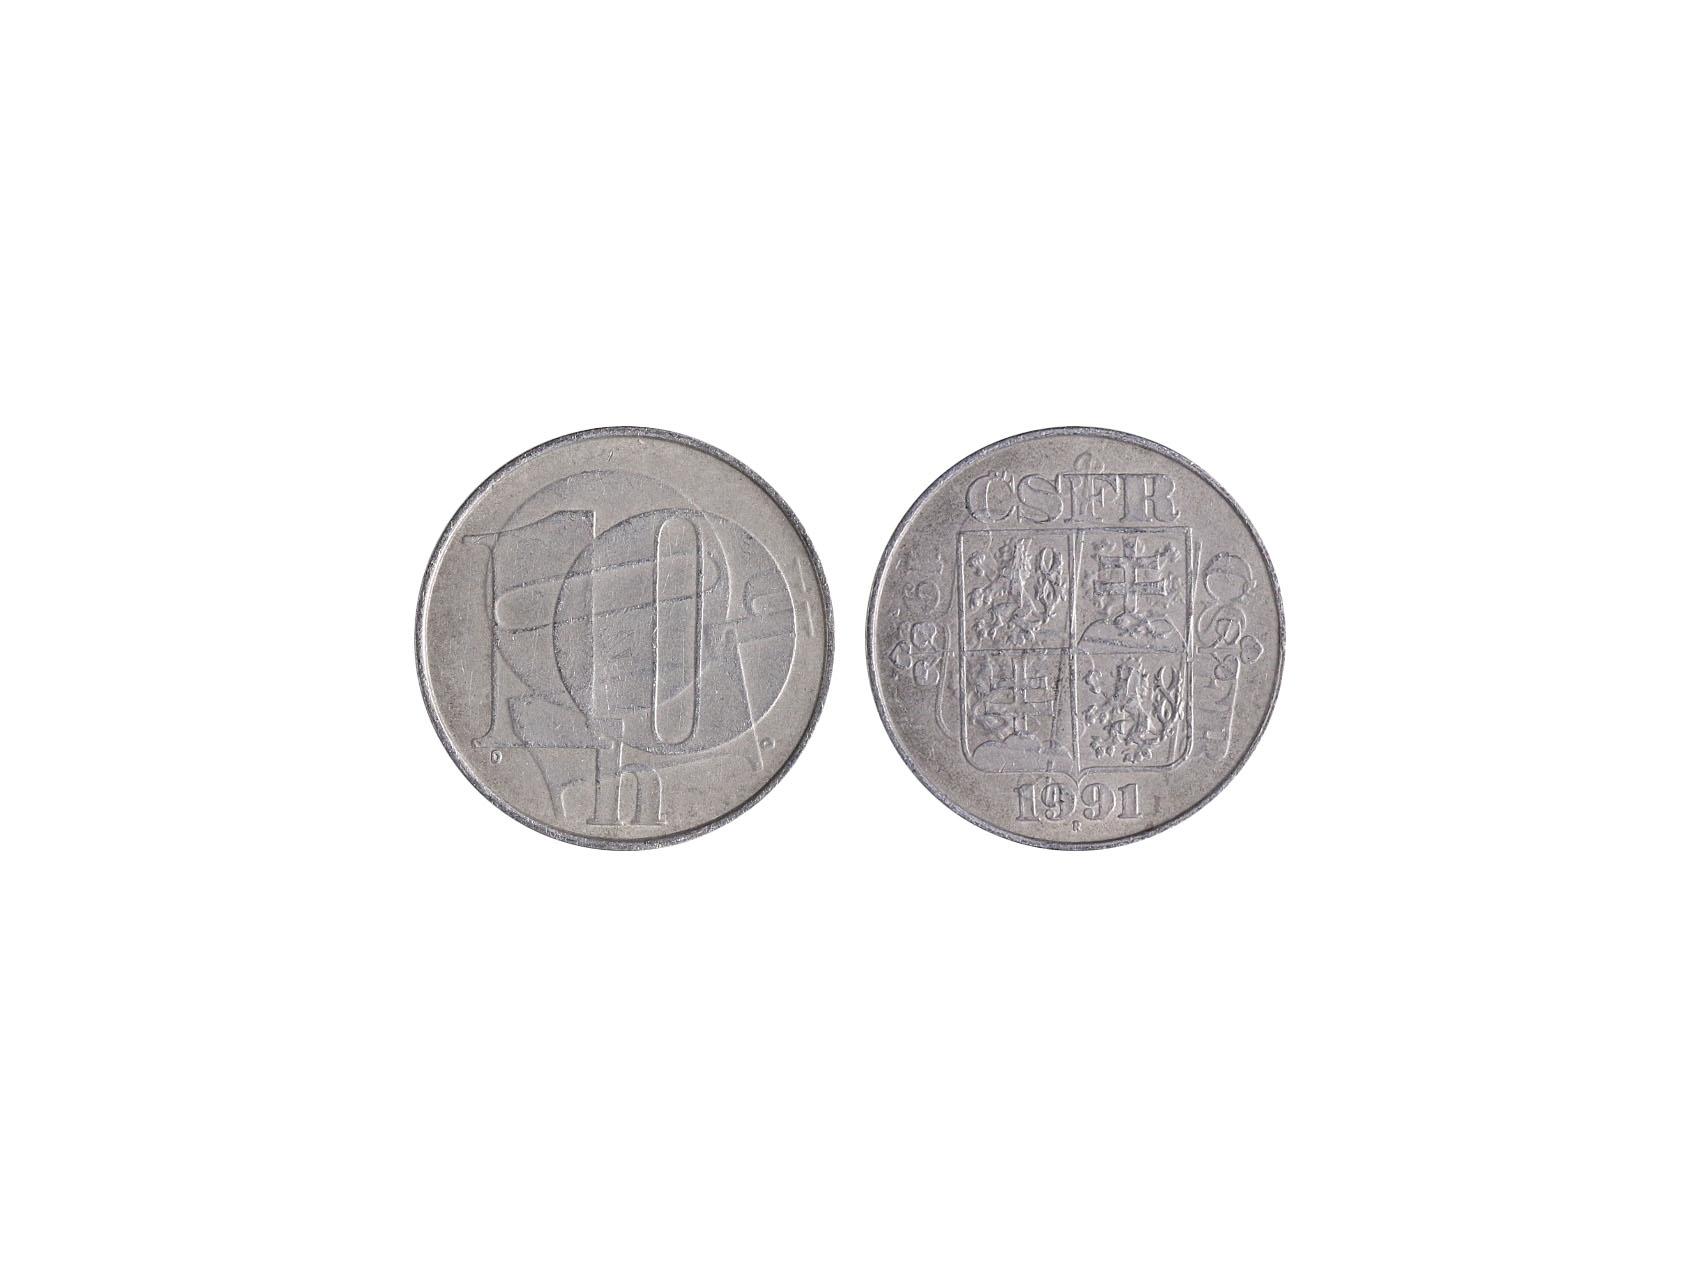 Chyboražba, 10 h 1991 dvojitá ražba na A i R